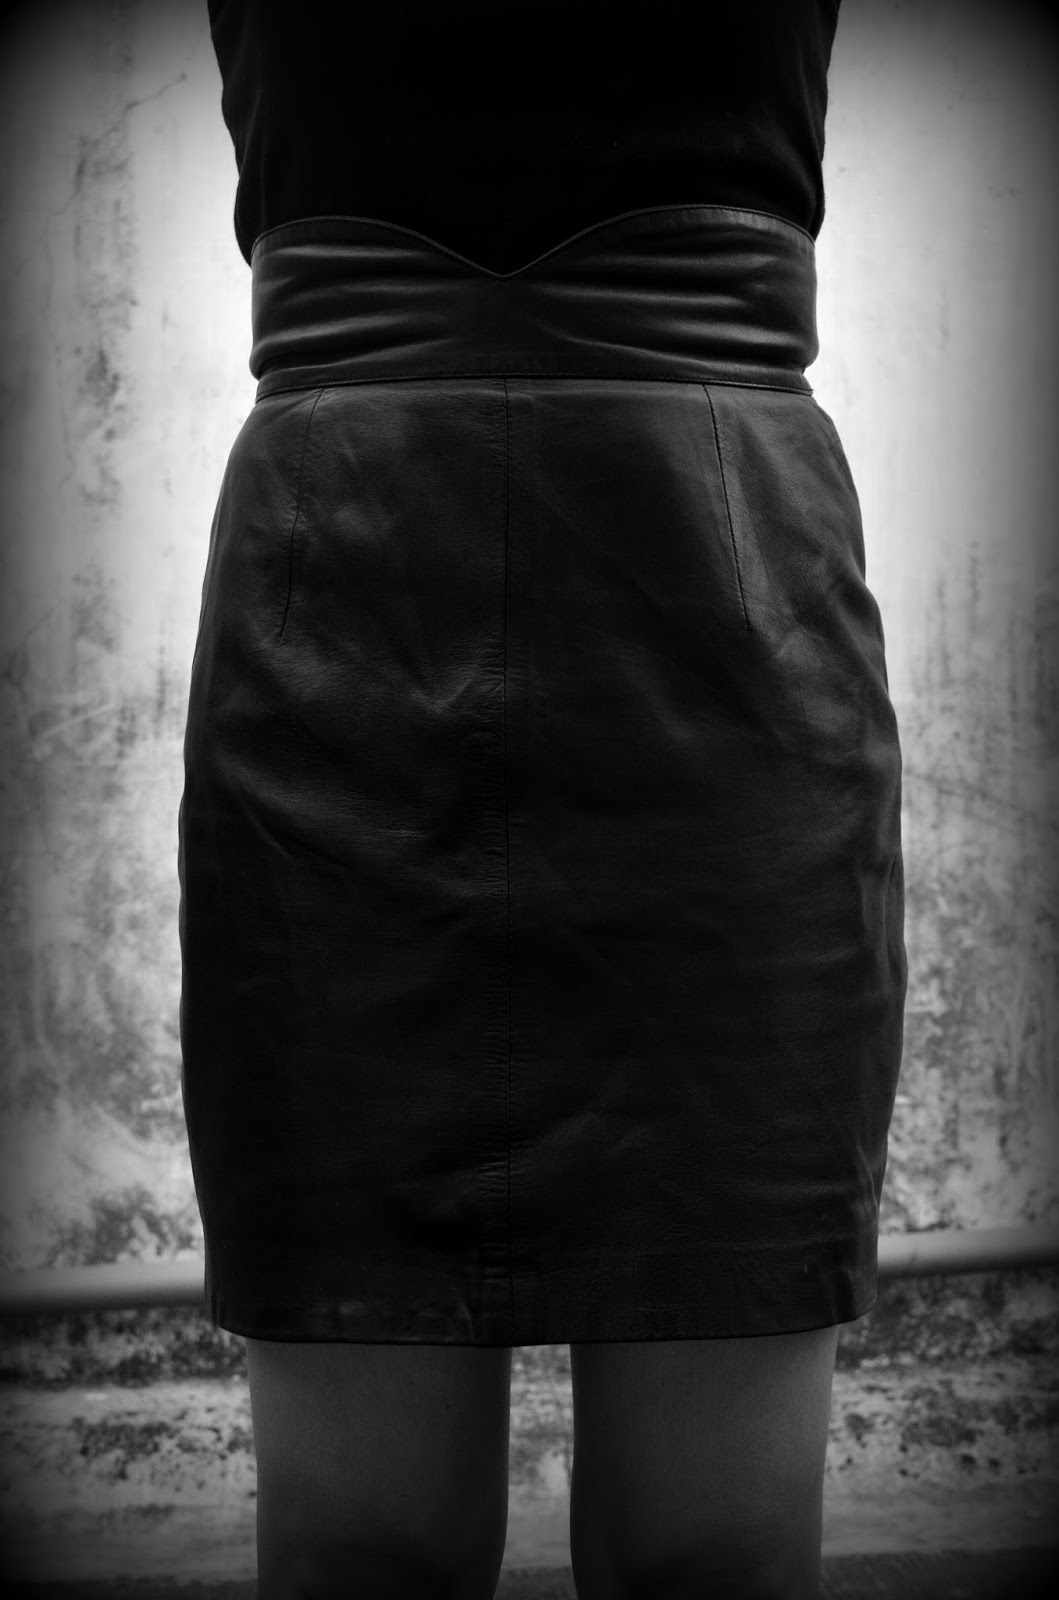 Fashionably Black leather skirt